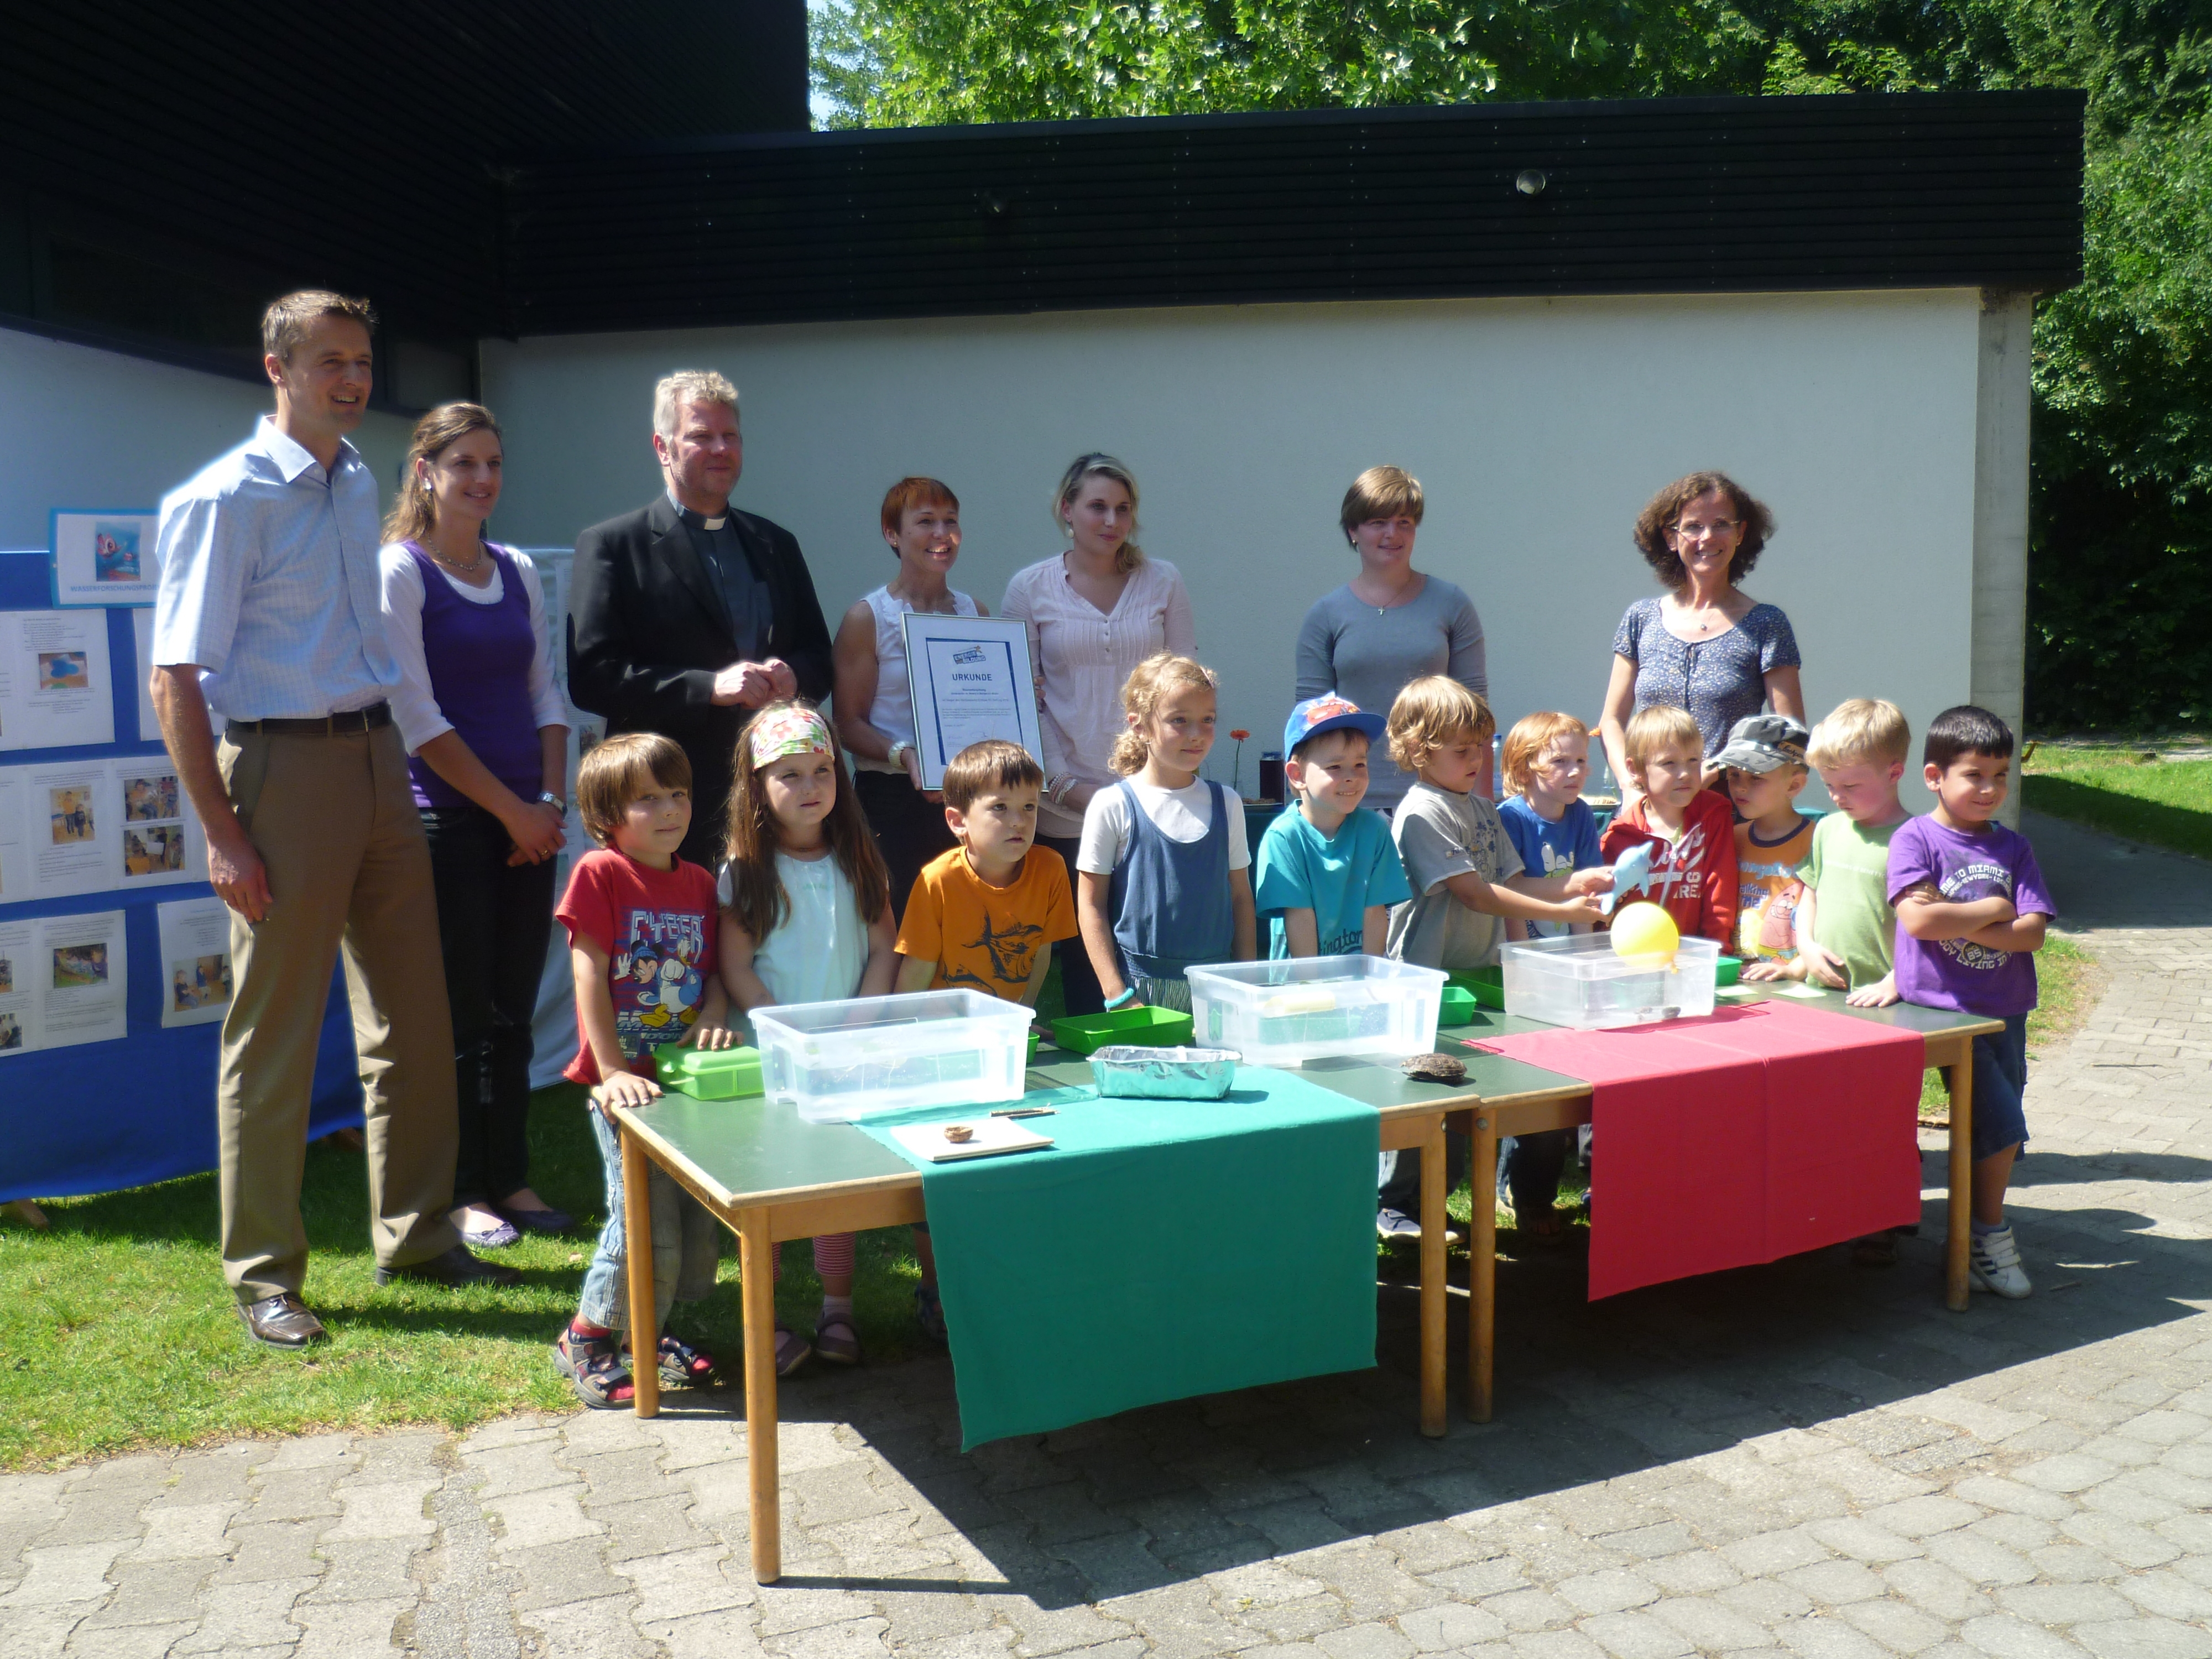 Preisübergabe an die jungen Forscher. Kindergarten St. Verena aus Wangen  gewinnt mit Wasserforschungsprojekt.